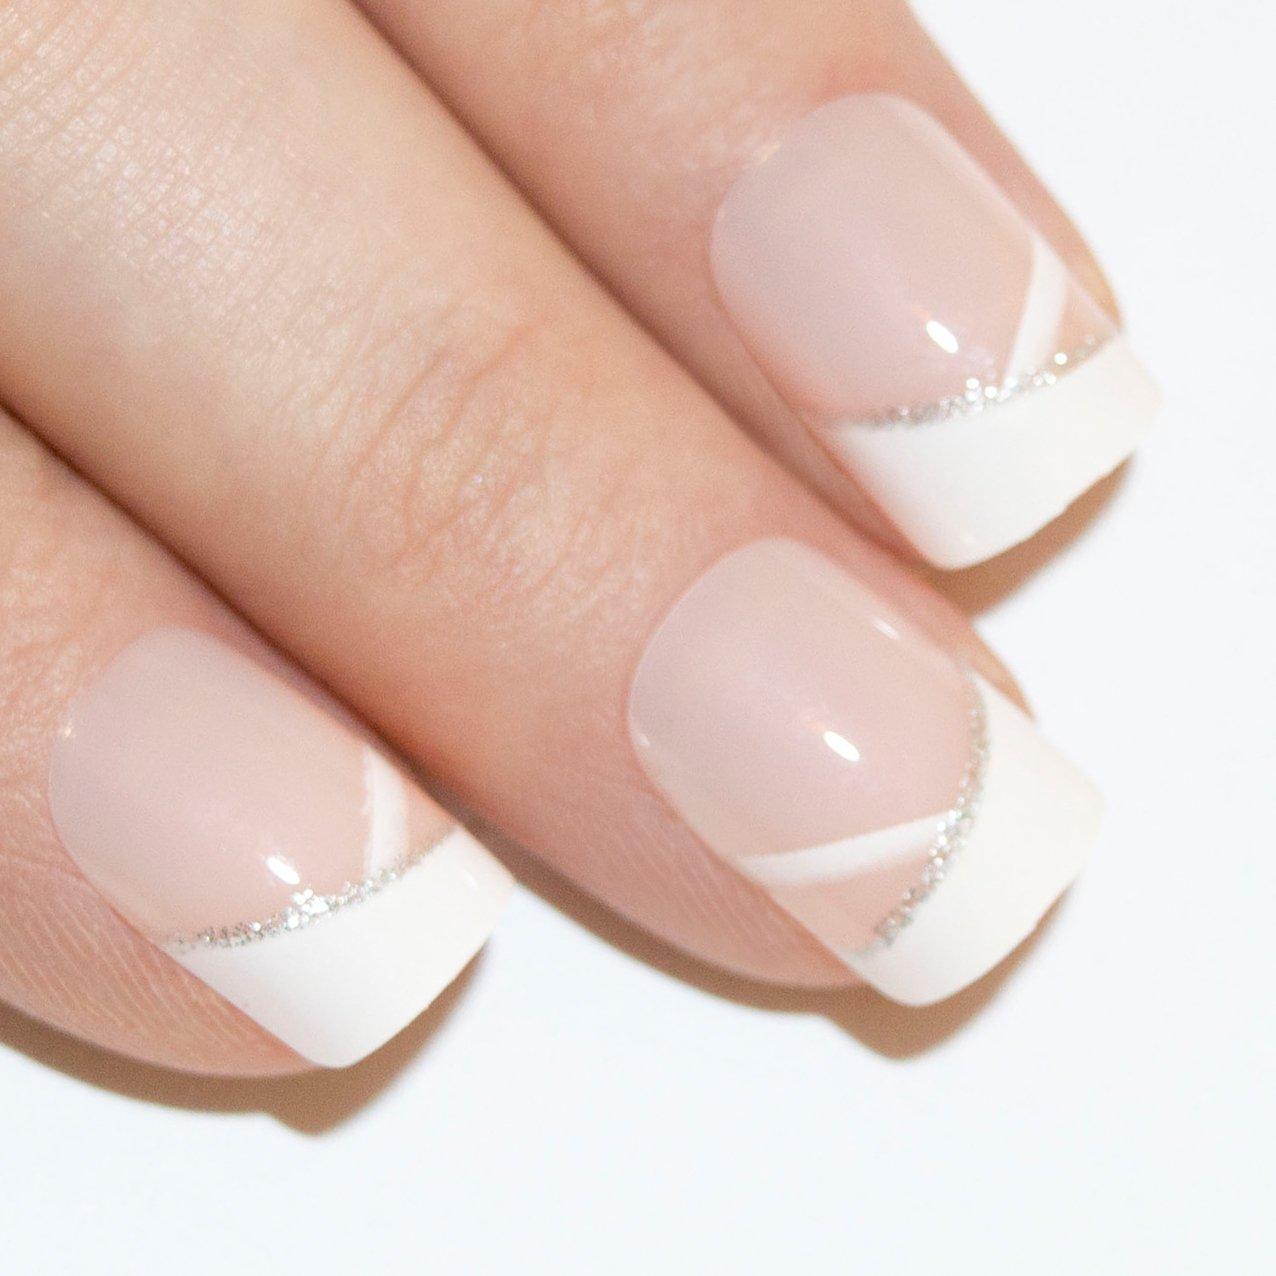 Art Bling künstliche Nägel Maniküre Französische White Glitter 24 ...